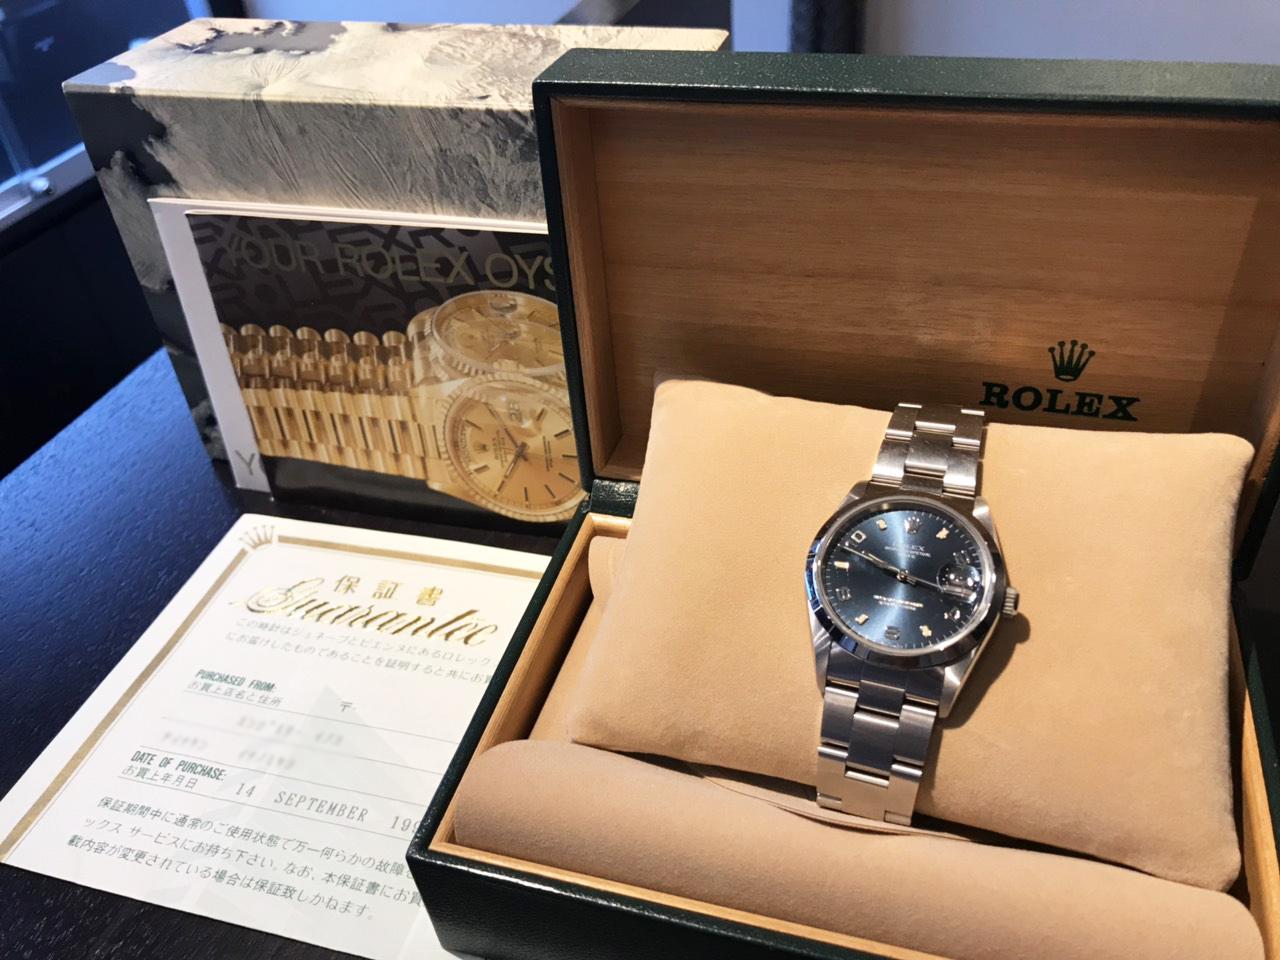 10月7日、岐阜県のお客様よりロレックス オイスターパーペチュアルデイト 15200を買取いたしました